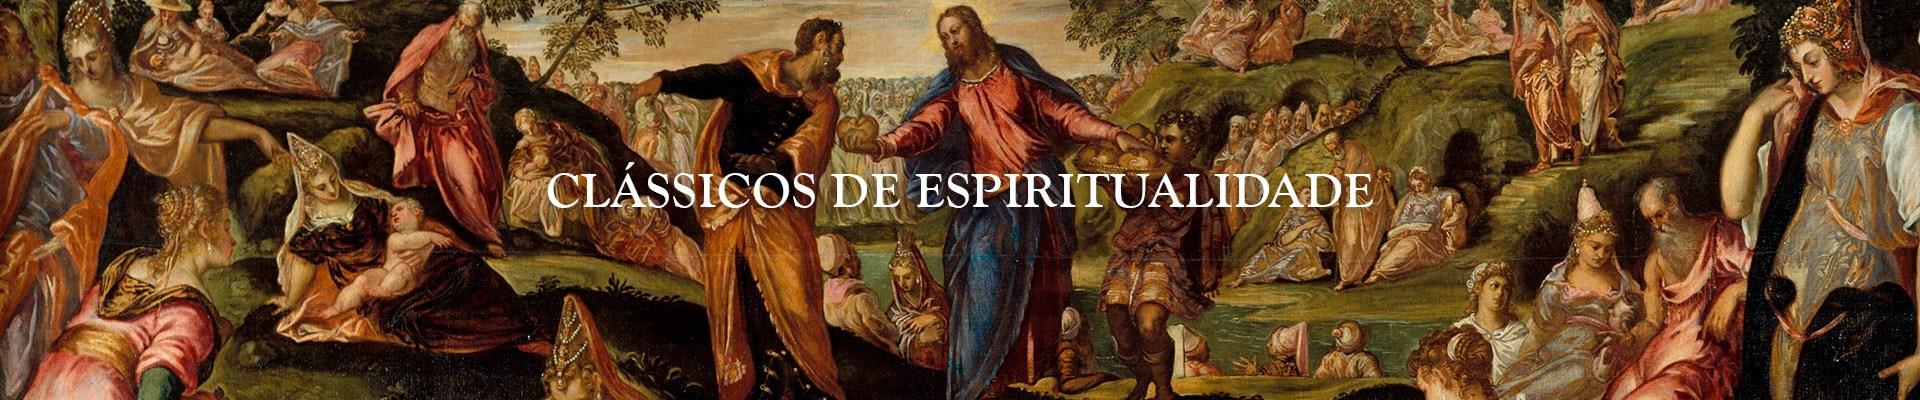 Clássicos de espiritualidade